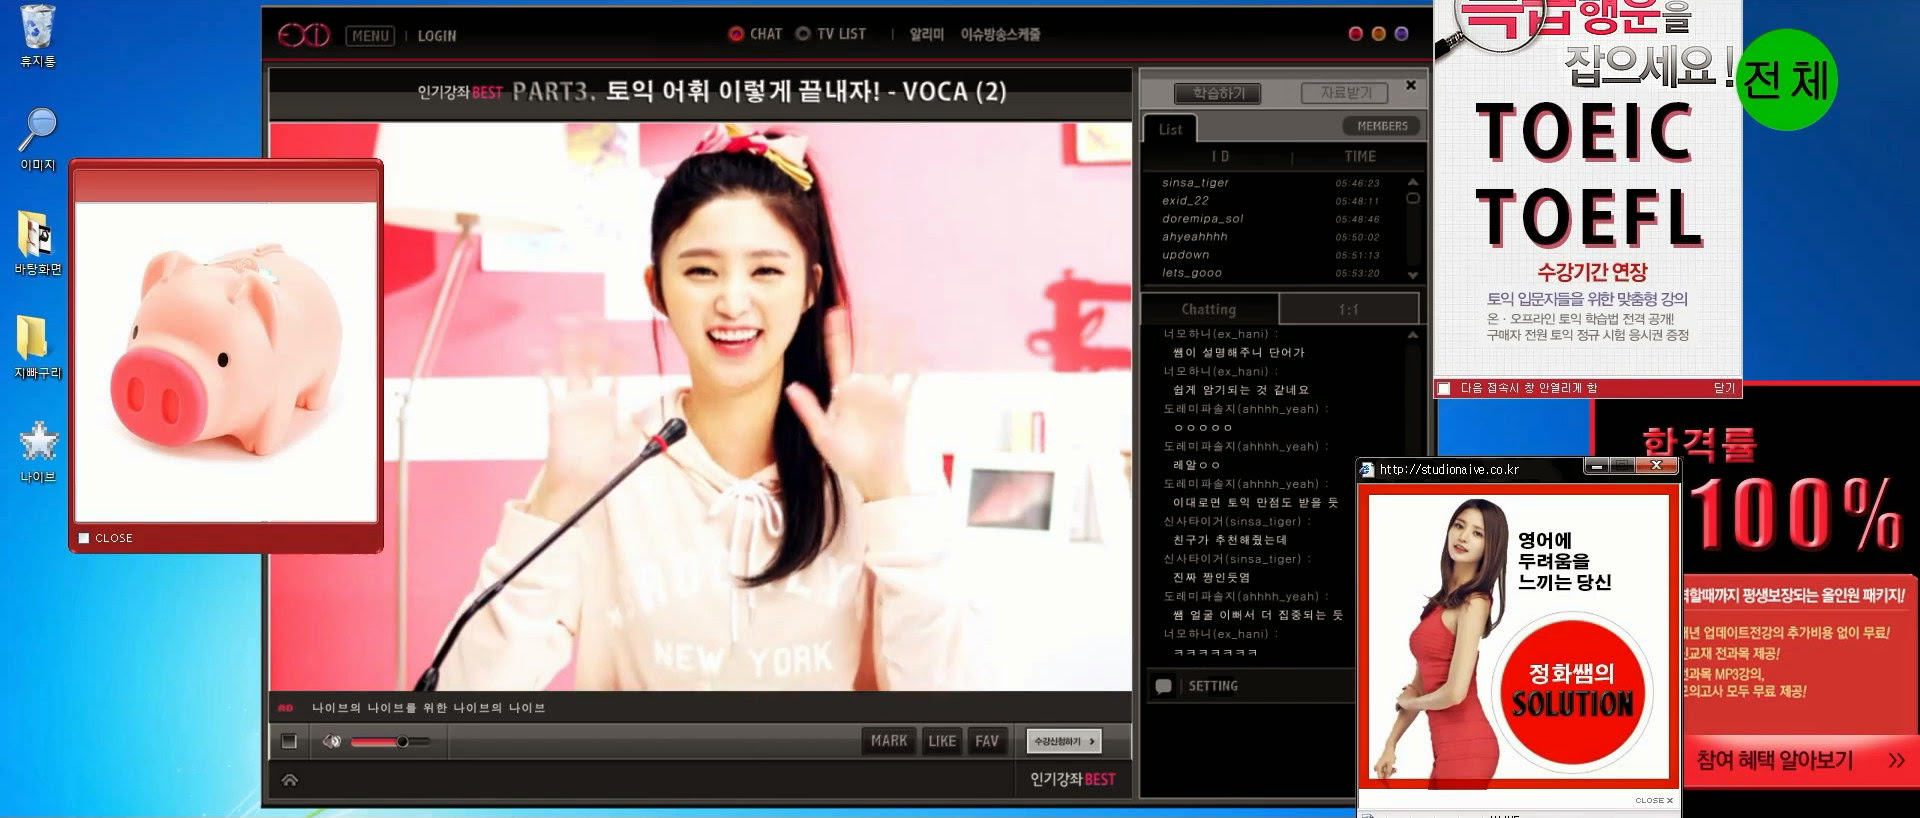 EXID's Junghwa in Ah Yeah MV